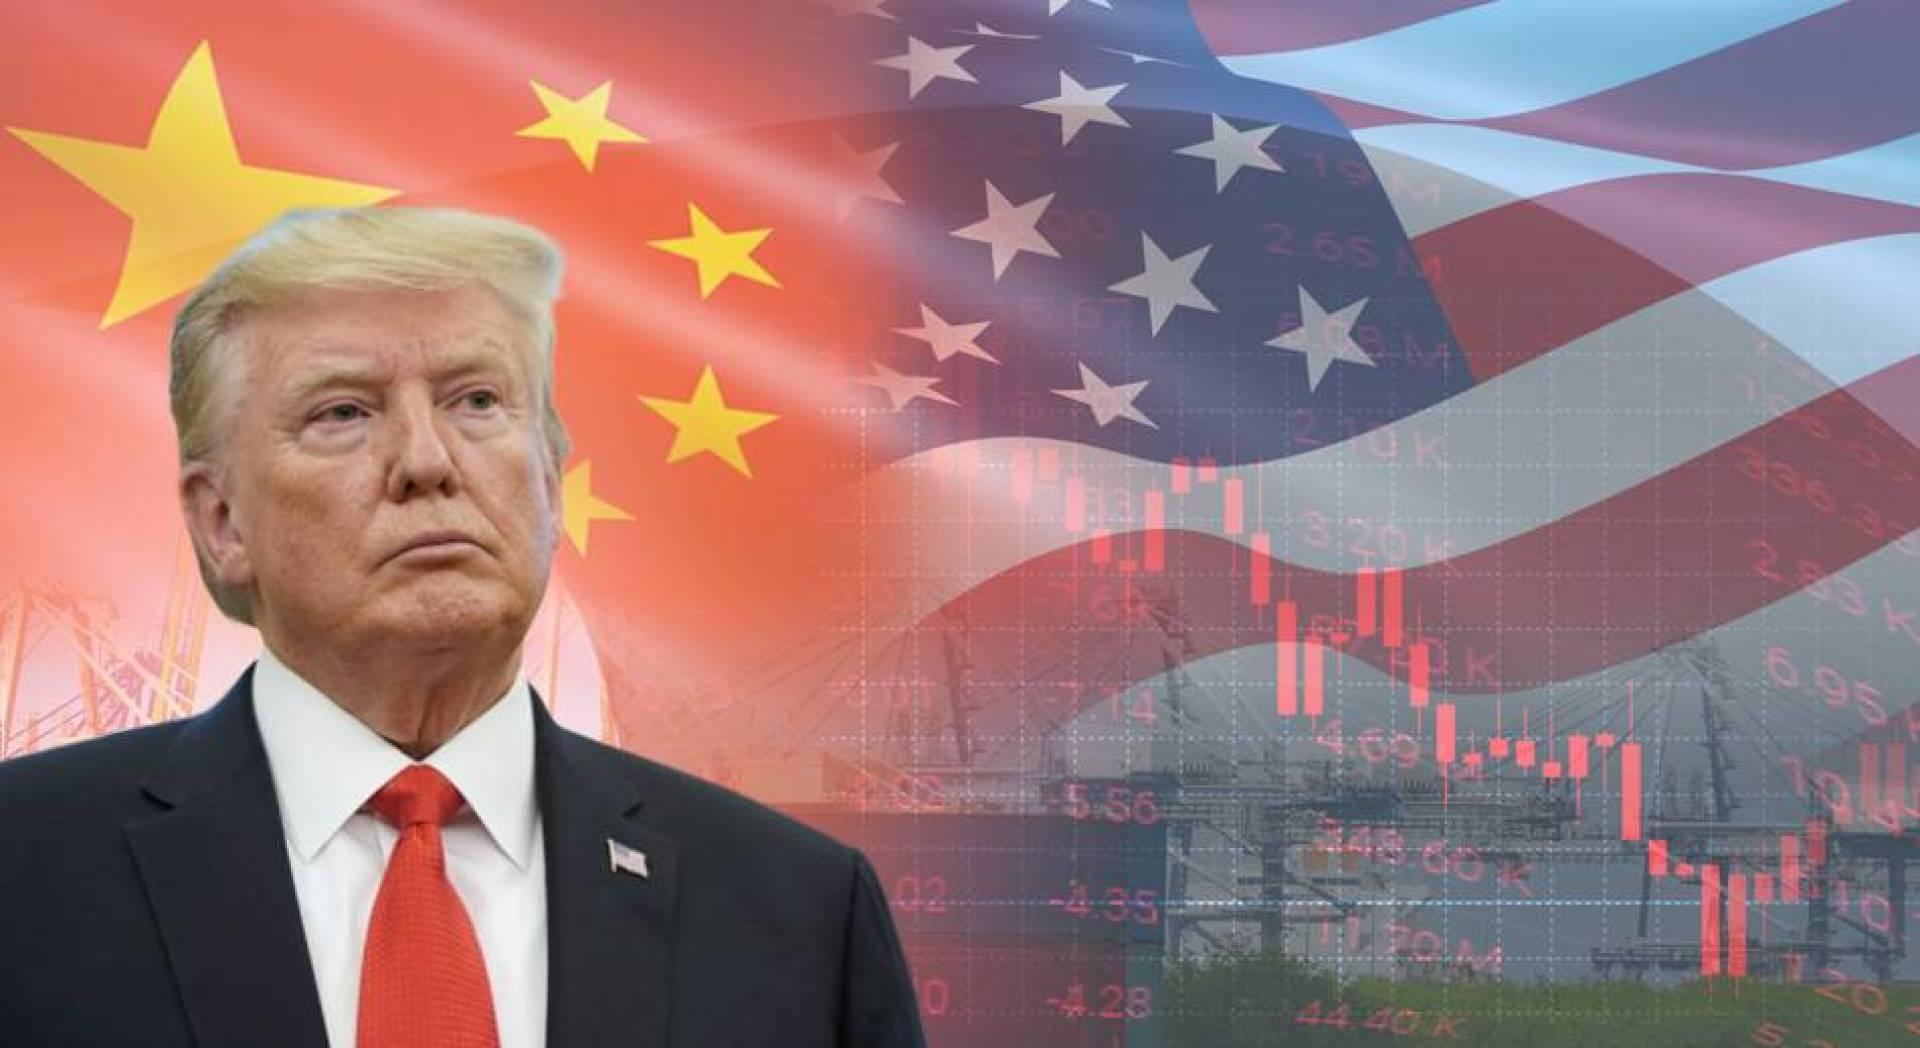 ترامب: لا حاجة للتوصل لاتفاق تجاري مع الصين قبل الانتخابات الرئاسية